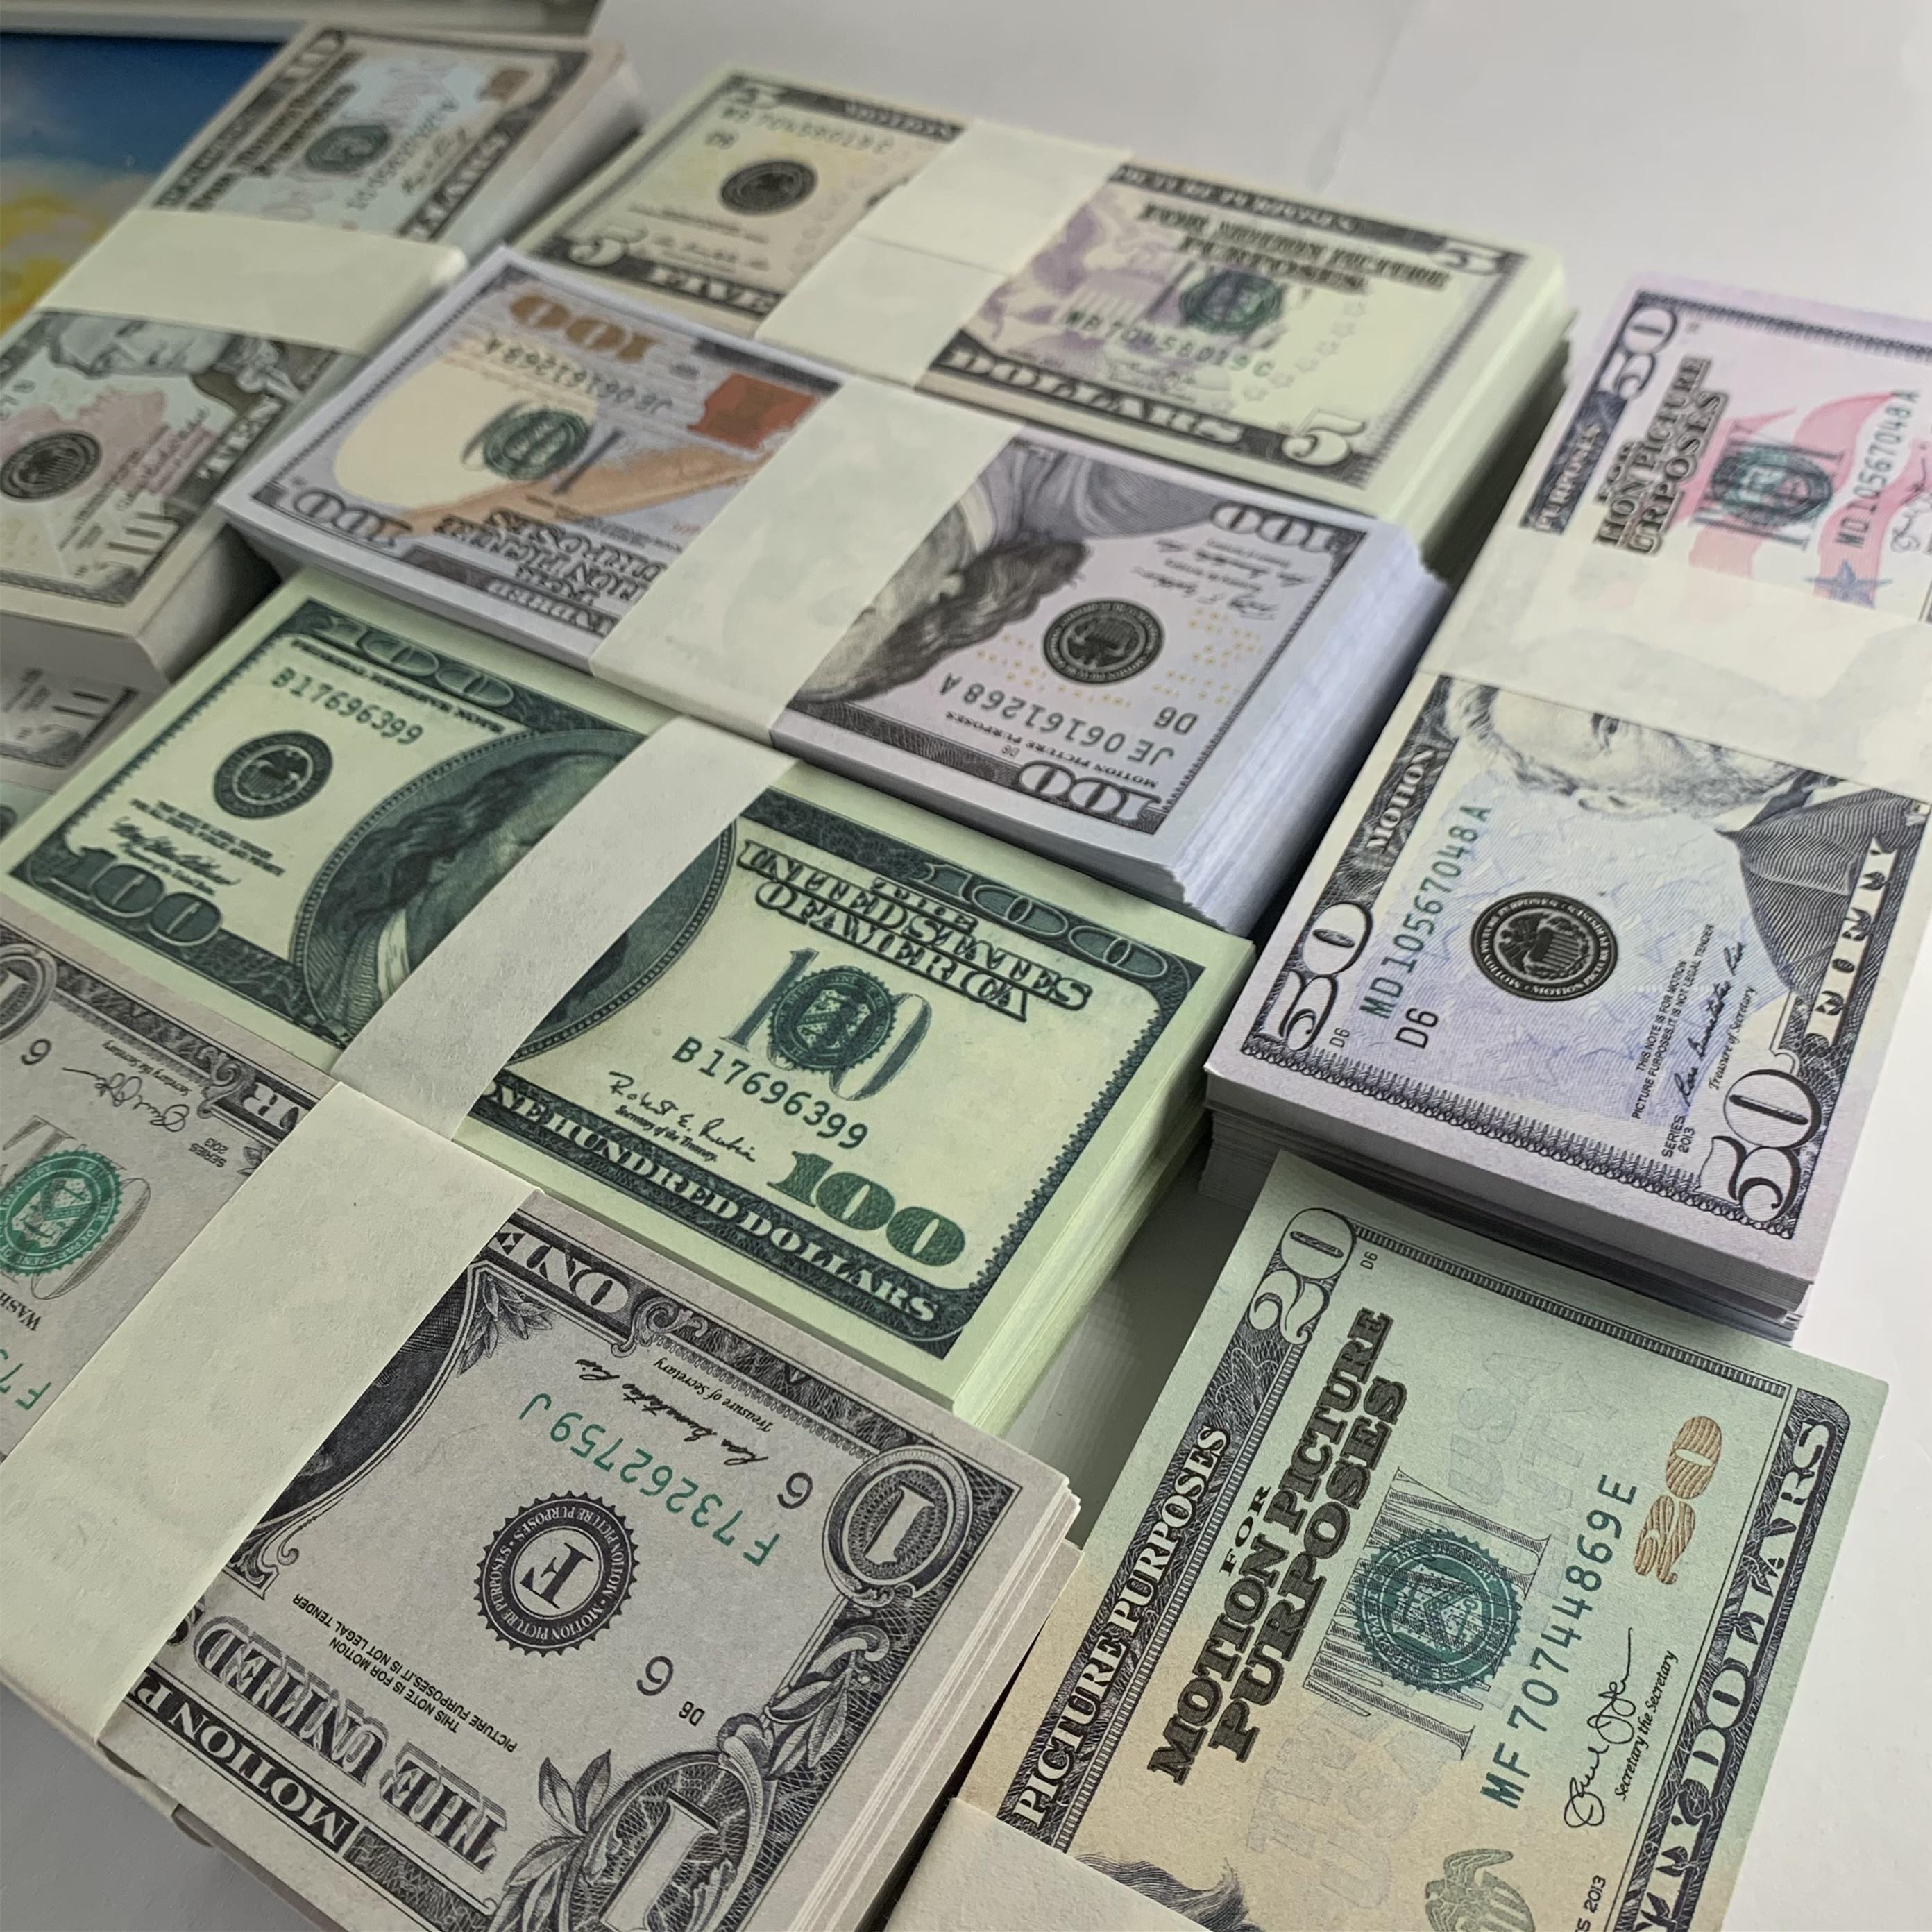 Y la-027 dinero falsificado dinero caliente 5 aporte 20 dinero falso 100 1 billet bar falso accesorios de dólar billet bwxu película tv shooting 50 10 atmos ckik